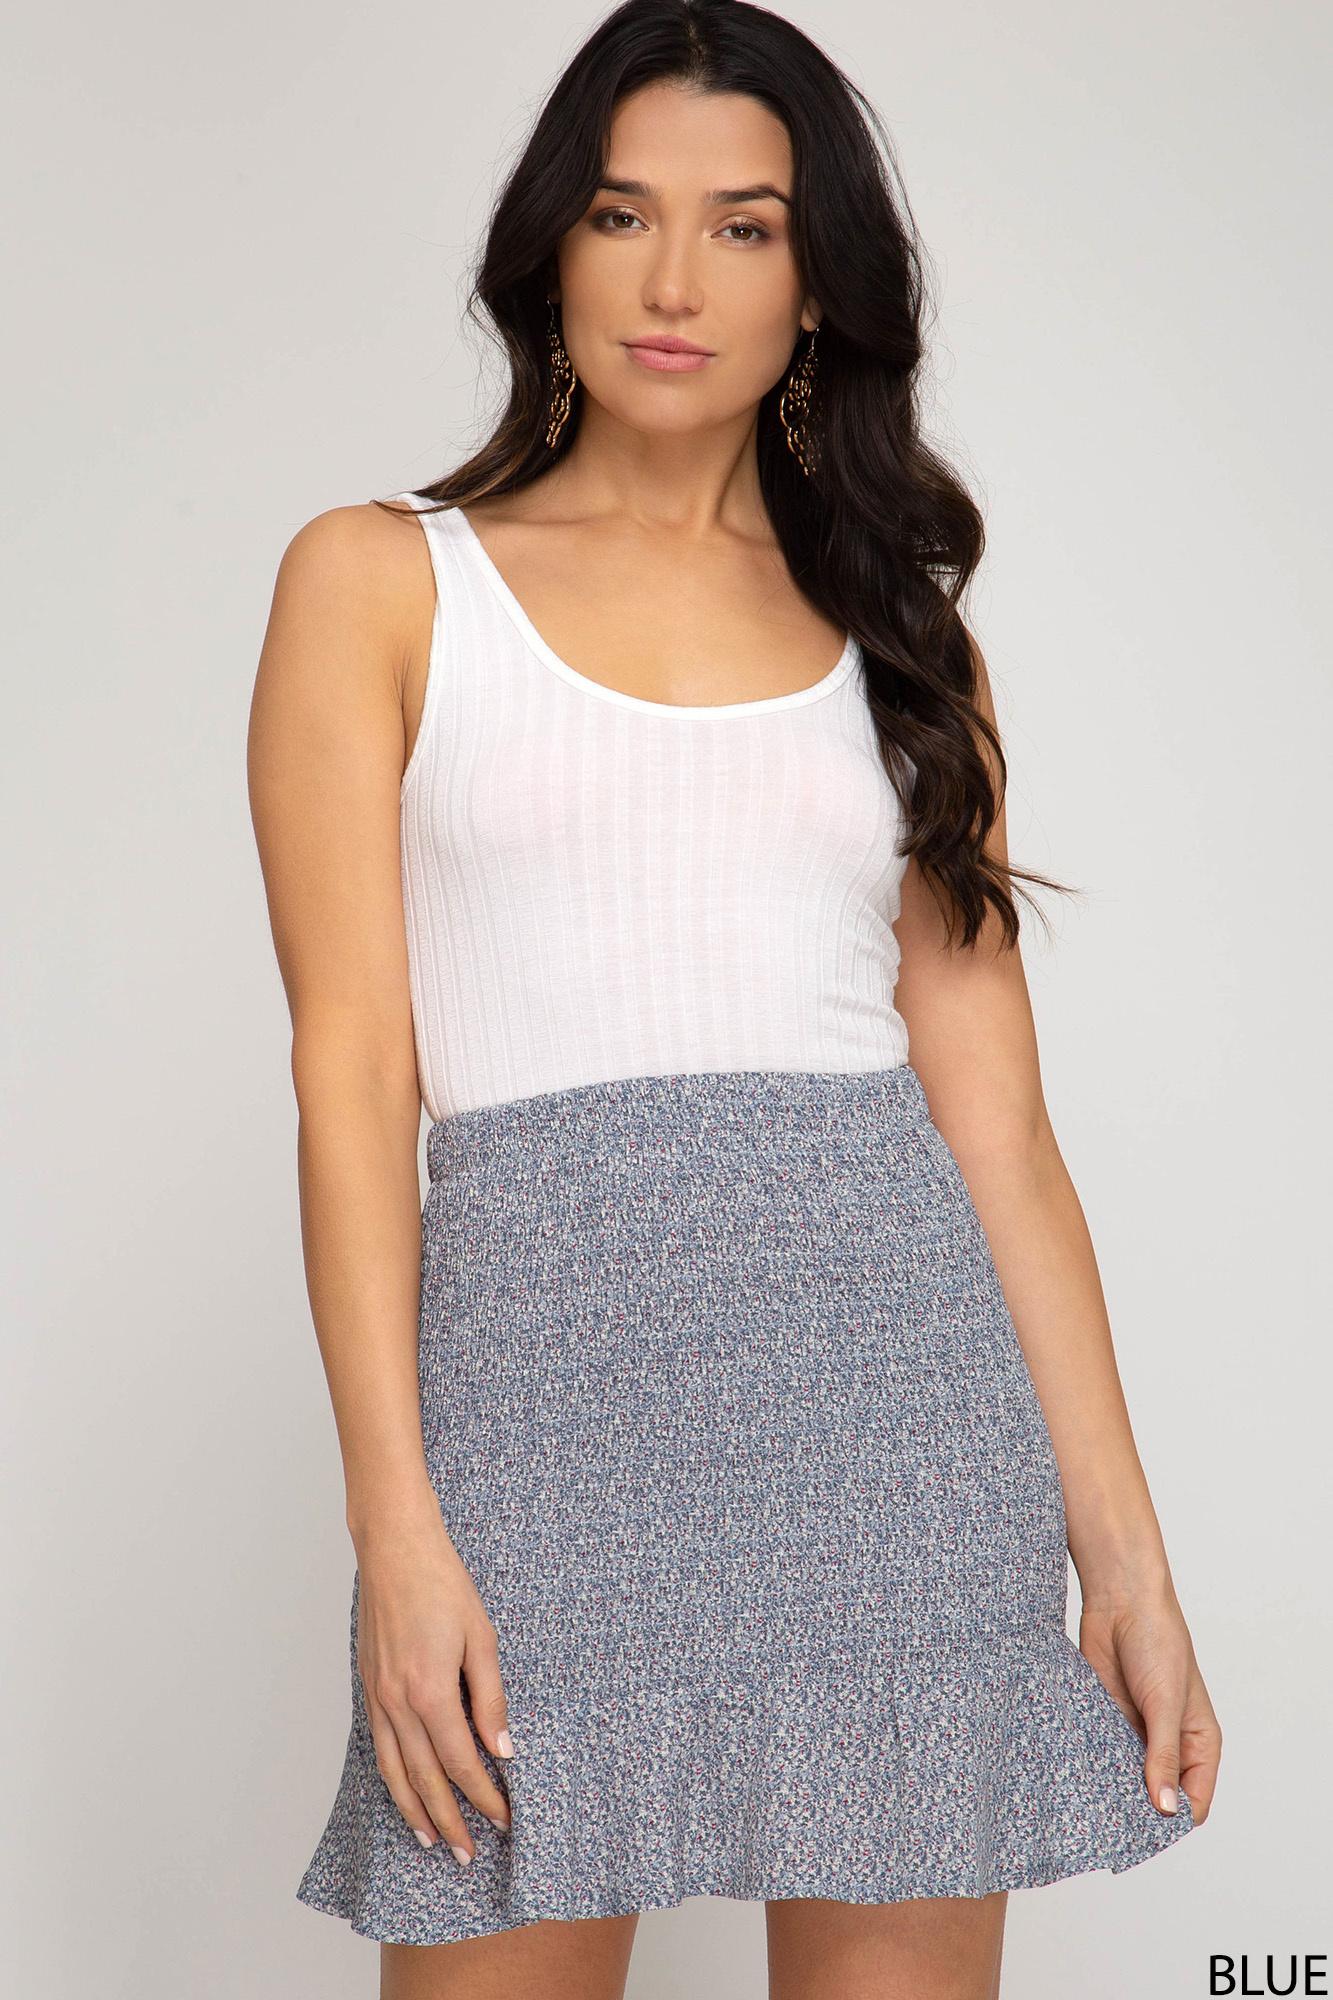 She & Sky Woven Smocked Mini Skirt